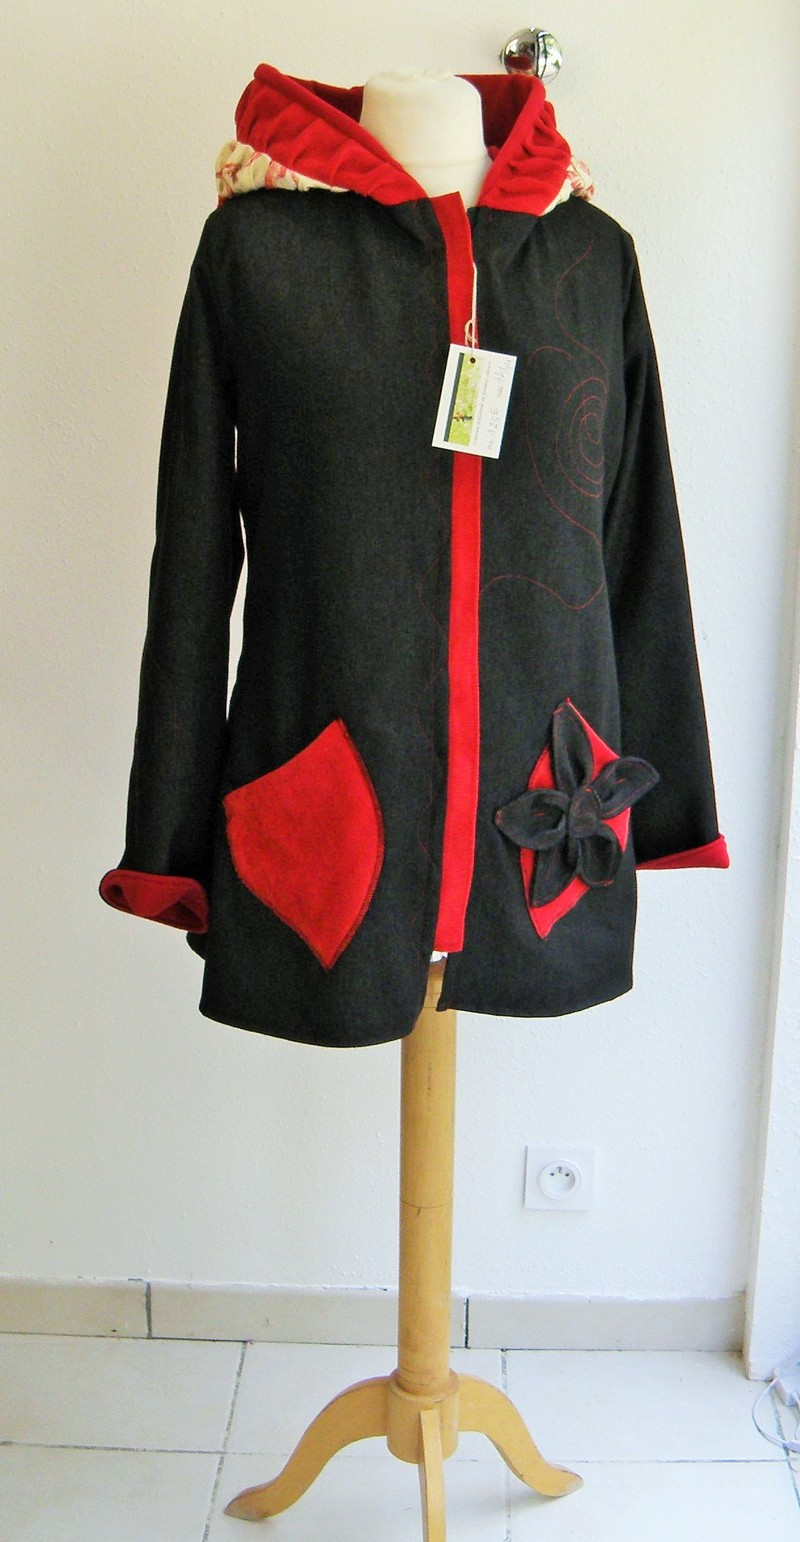 Veste lutin en jean noir doublée micro rouge + coton ecru/rouge T40-5170